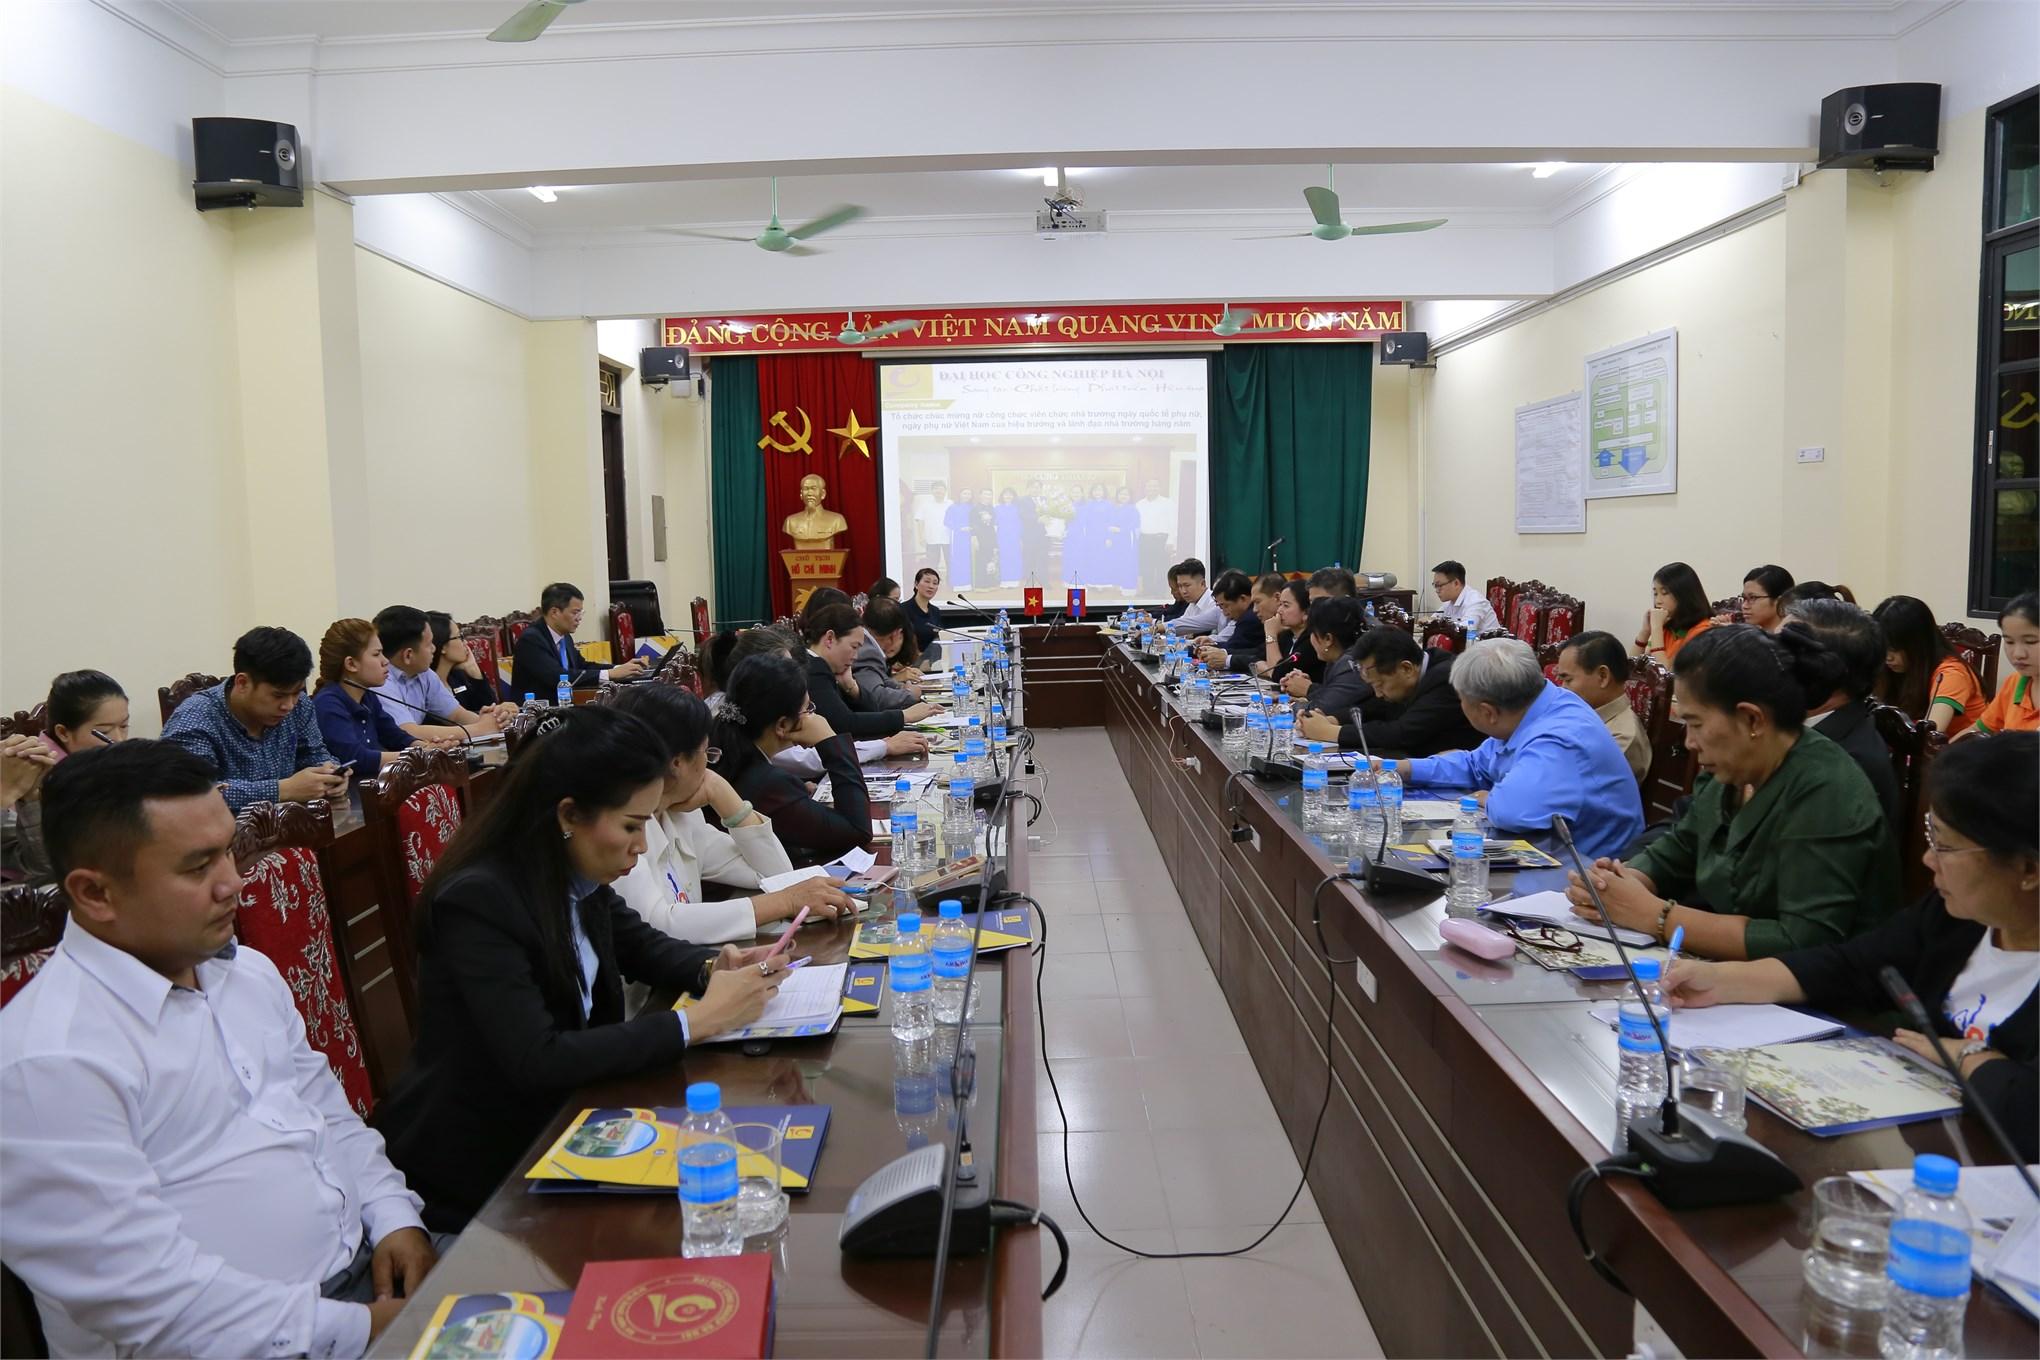 Trường Đại học Công nghiệp Hà Nội và Bộ Giáo dục & Thể thao CHDCND Lào trao đổi về công tác bình đẳng giới, vì sự tiến bộ của phụ nữ